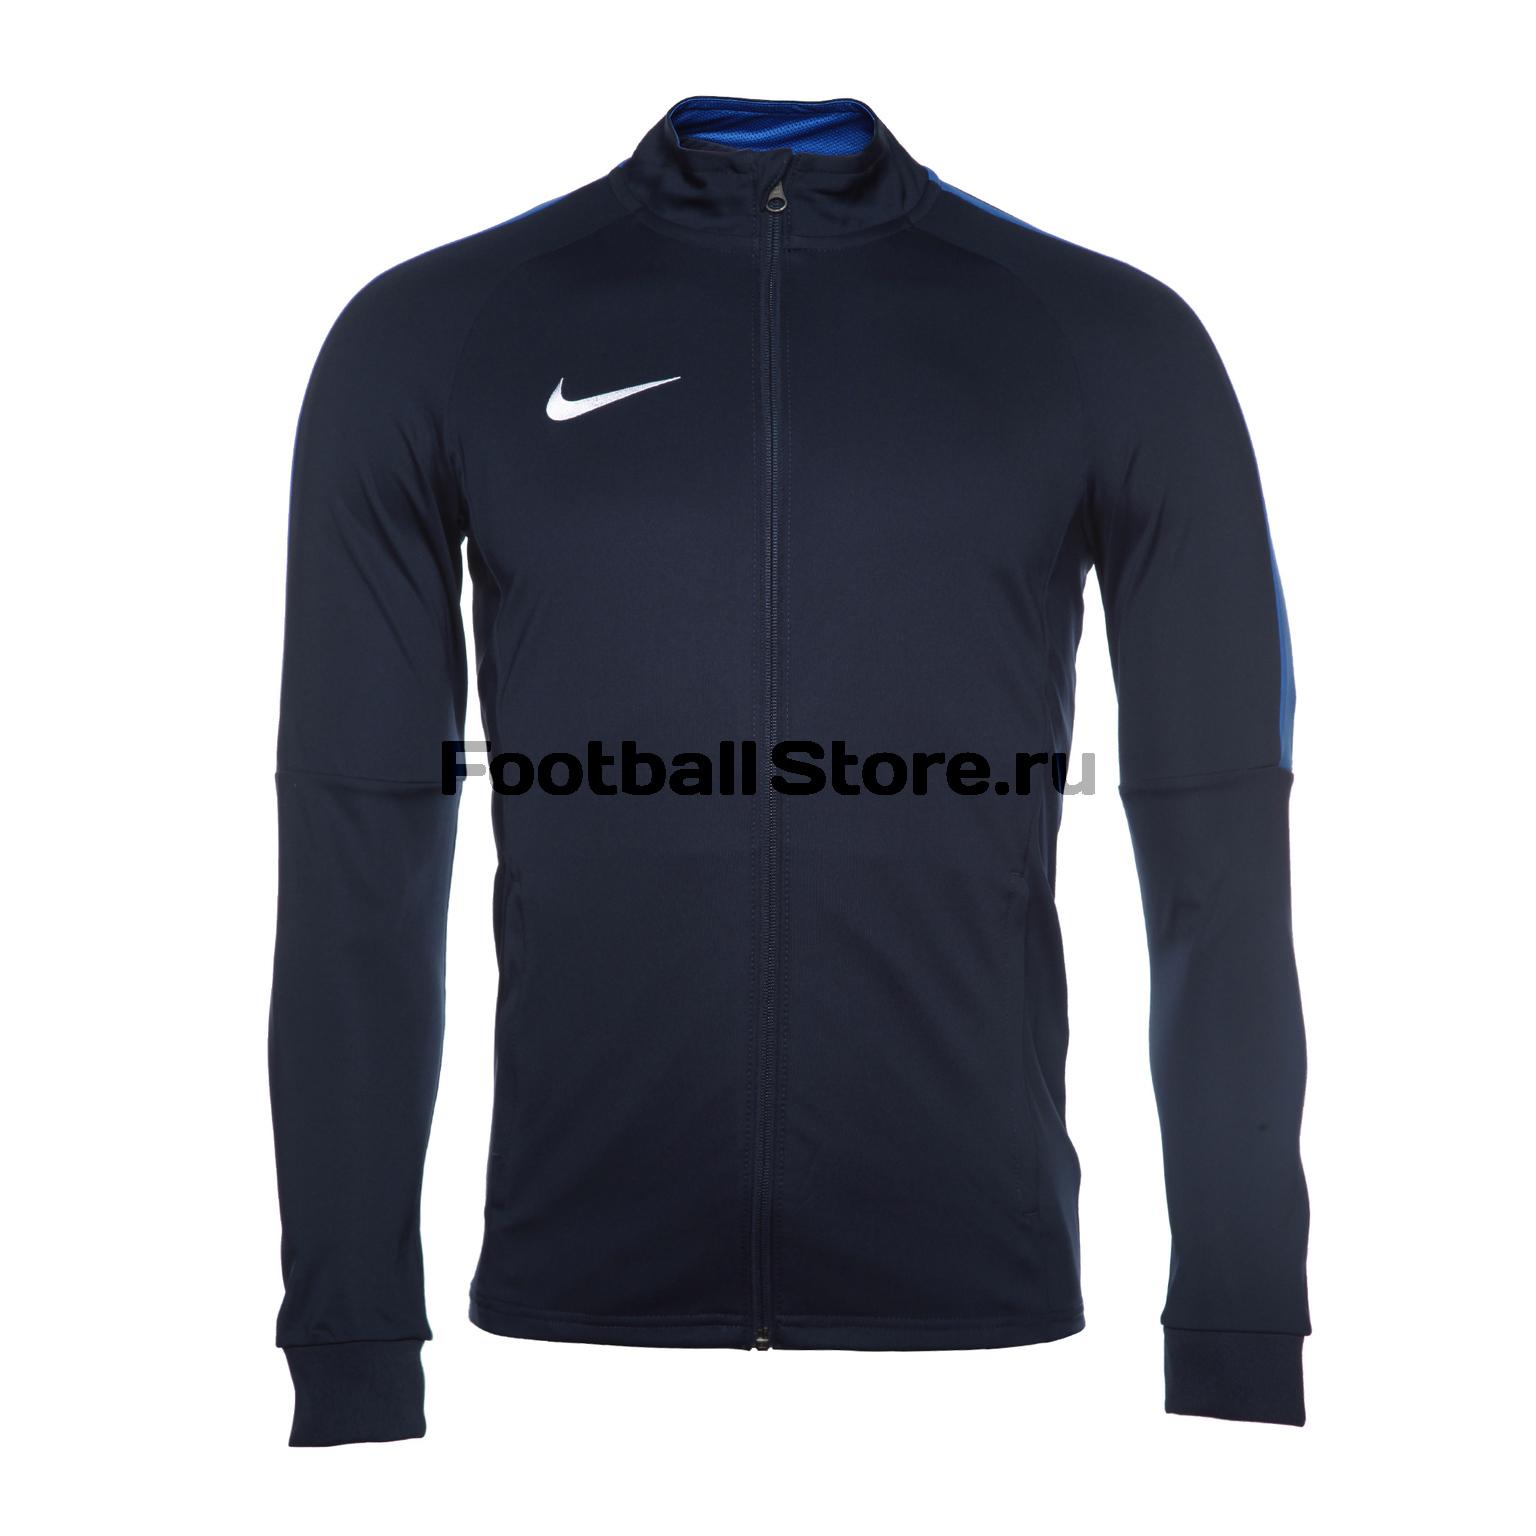 Олимпийка Nike Dry Academy18 893701-451 цена